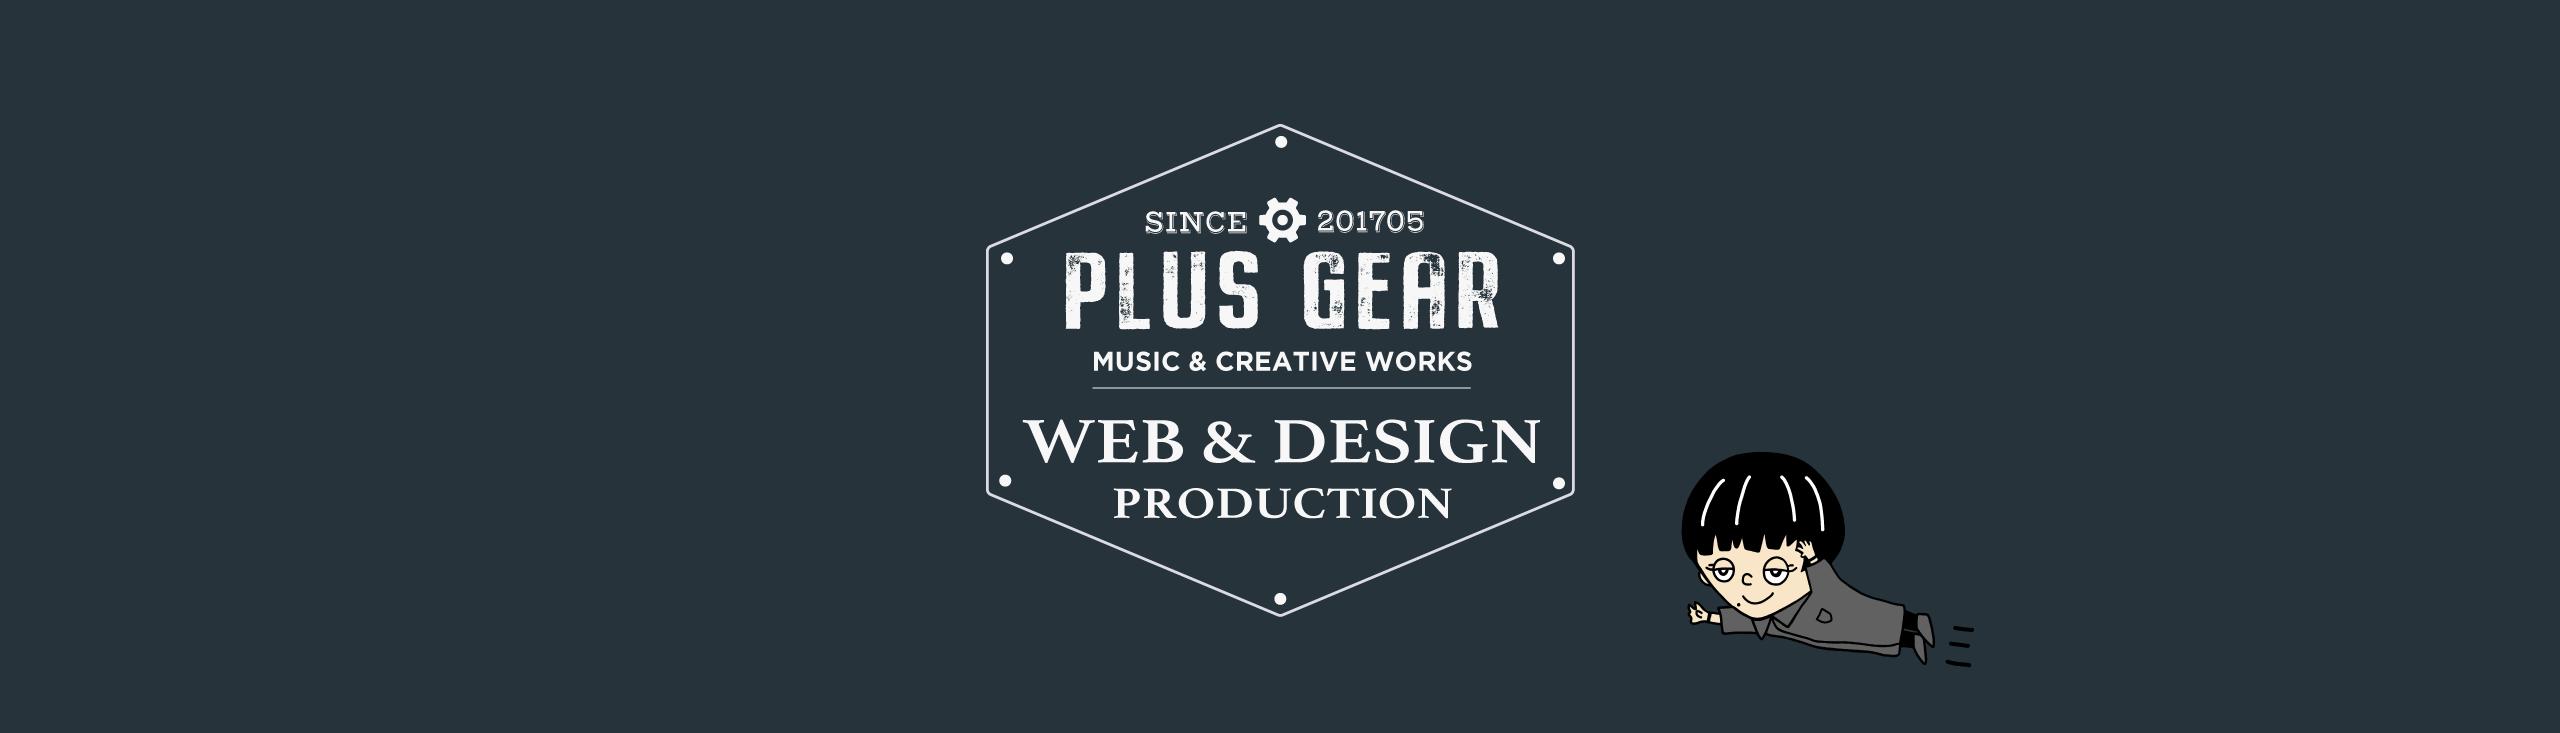 ウェブ&デザイン